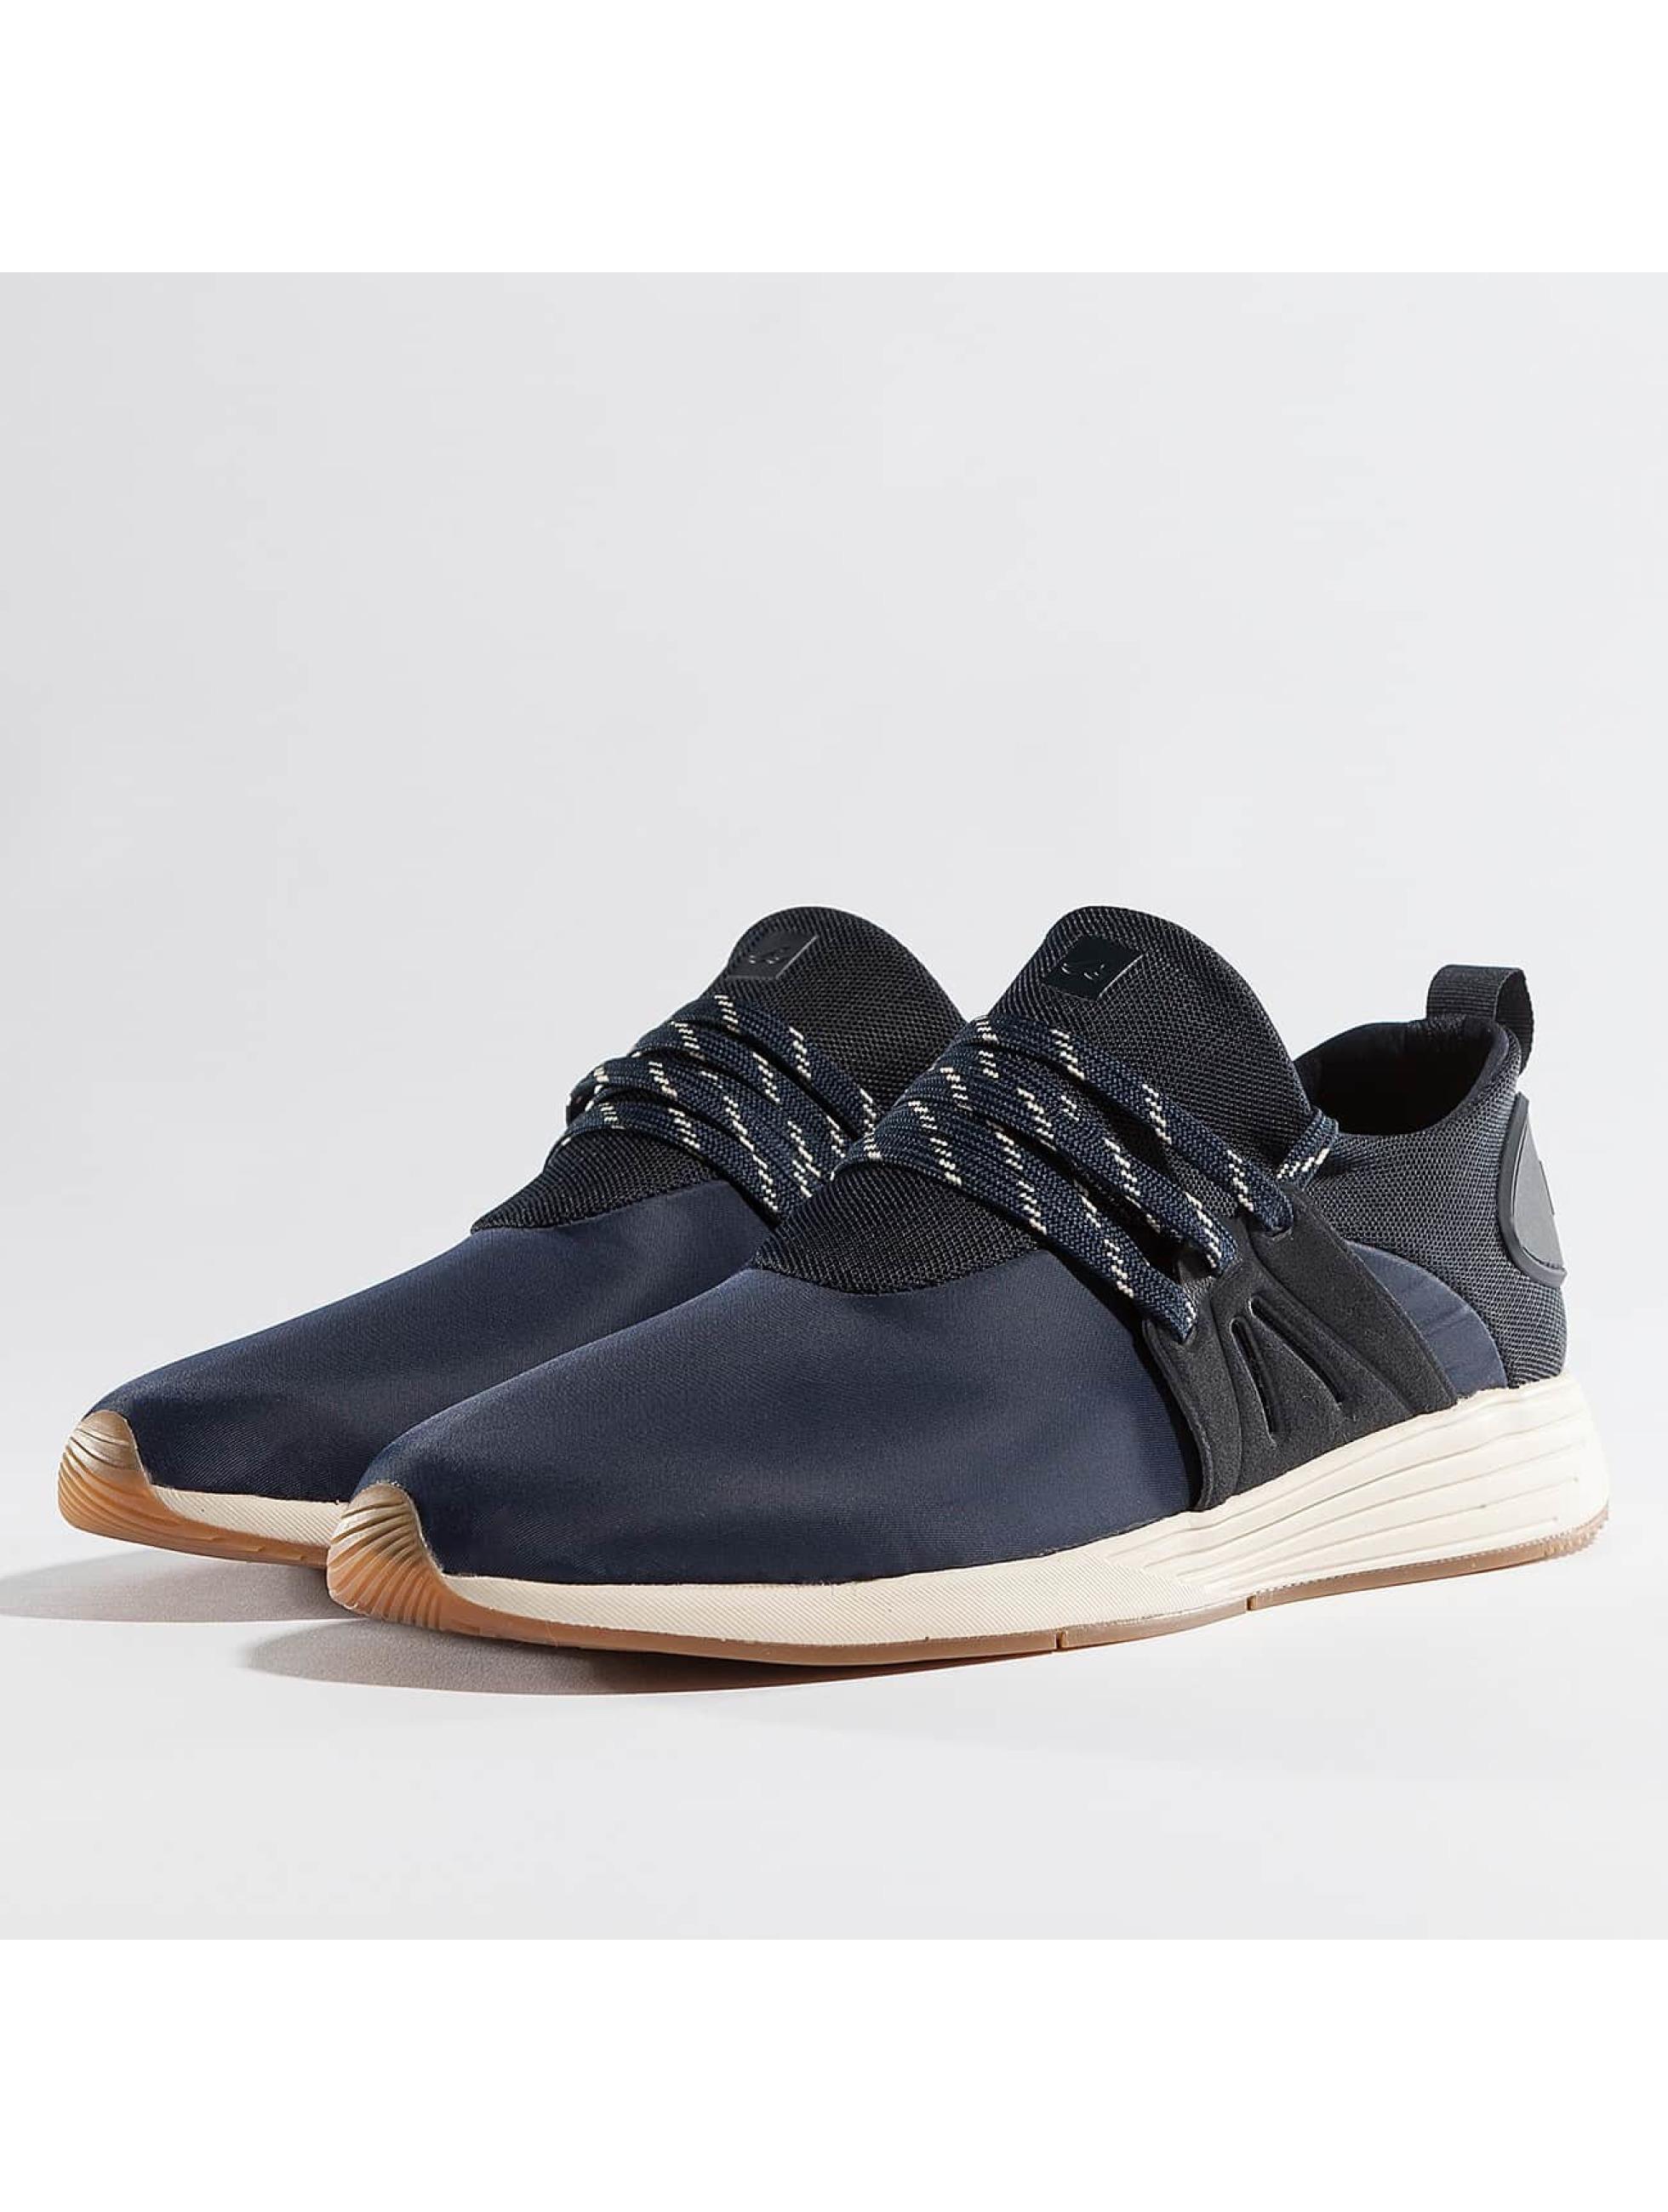 Project Delray Männer,Frauen Sneaker Wavey in blau